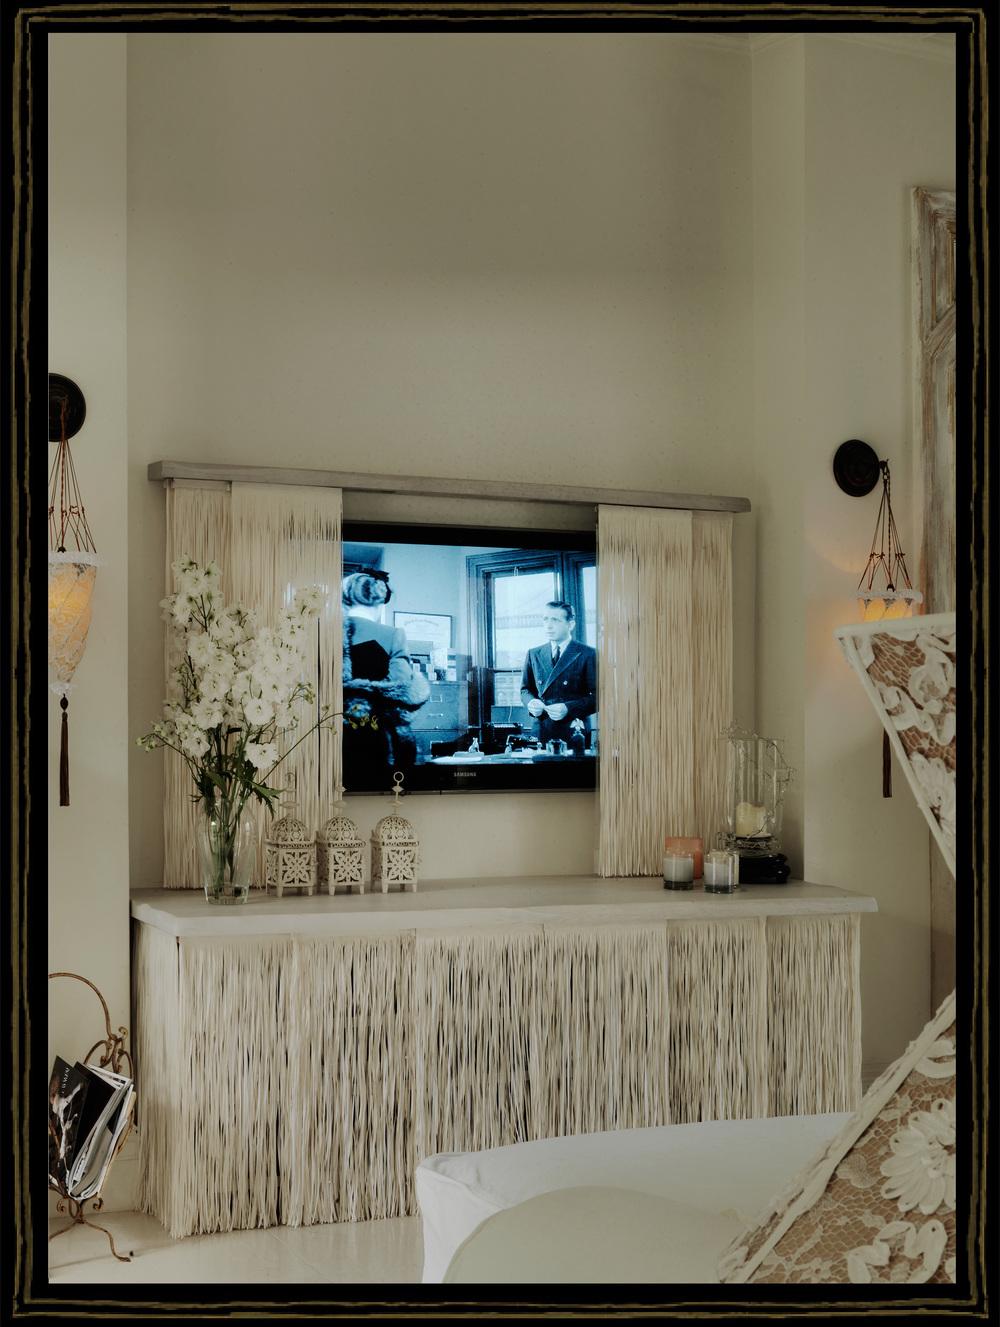 boudoir aaa_k4564d67bf63_1000003.jpg